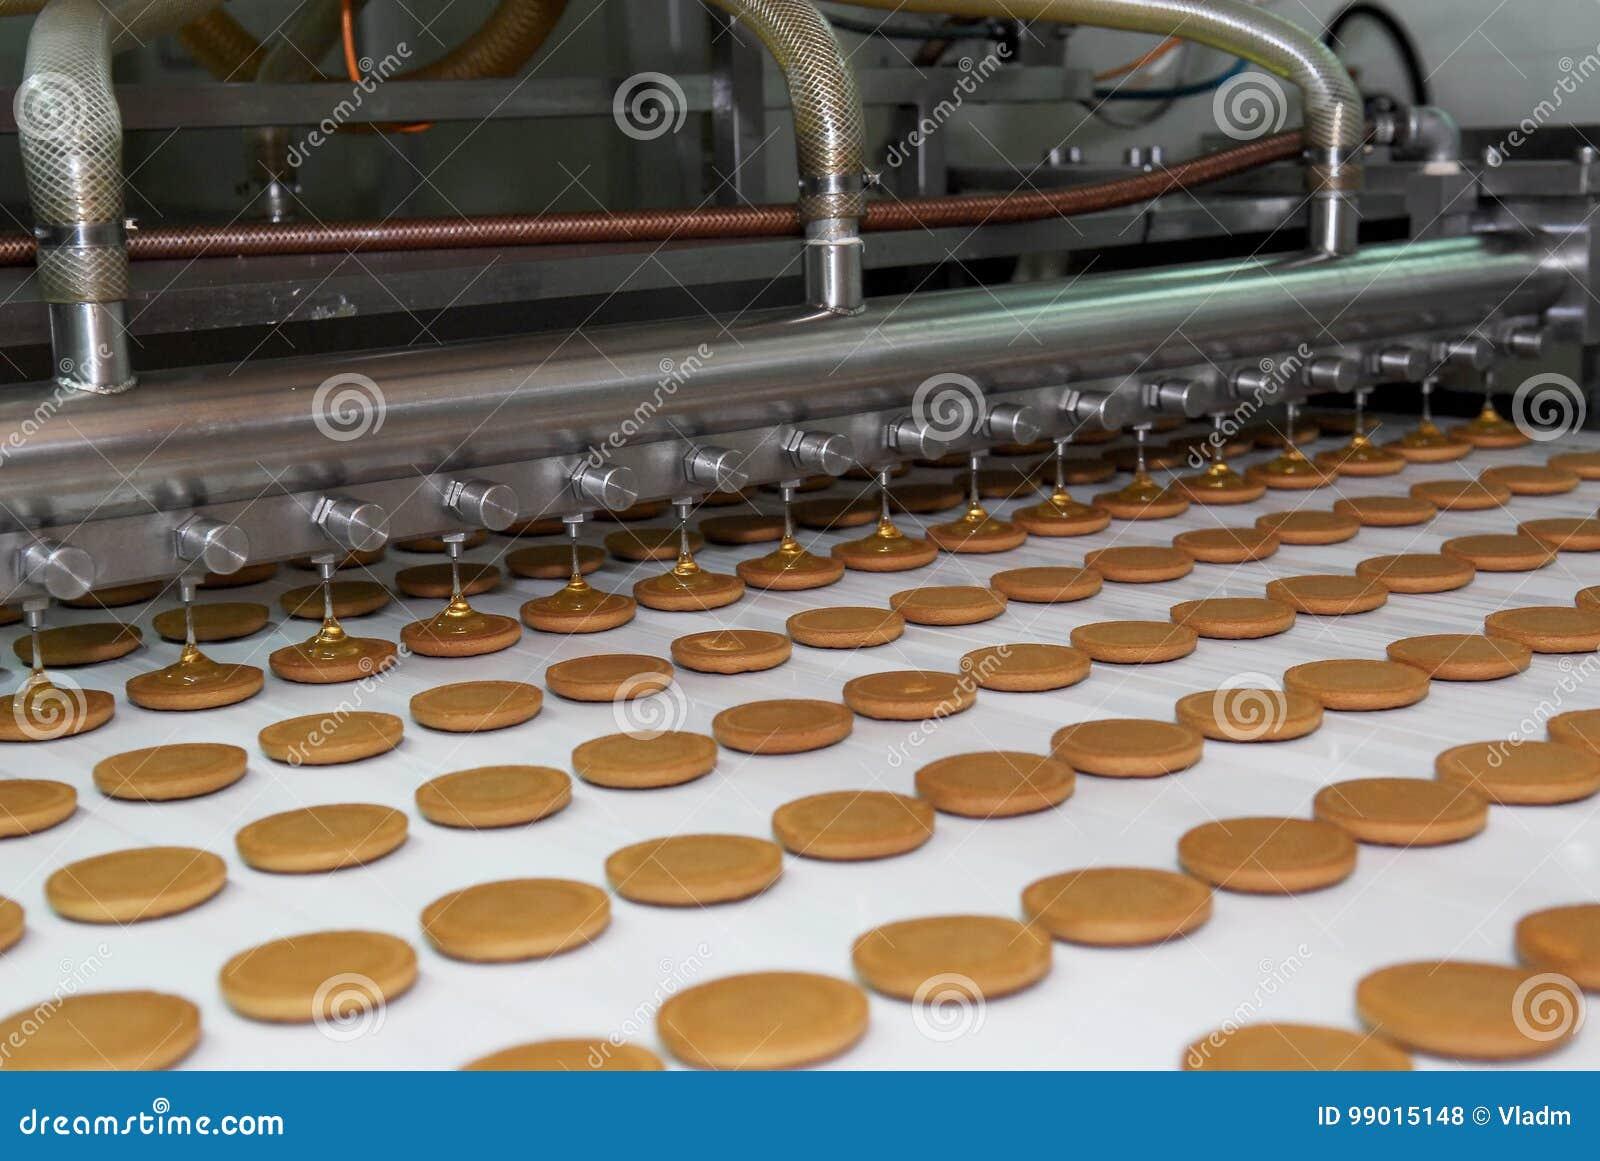 Linea della fabbrica di produzione della cialda e del biscotto manufacturing